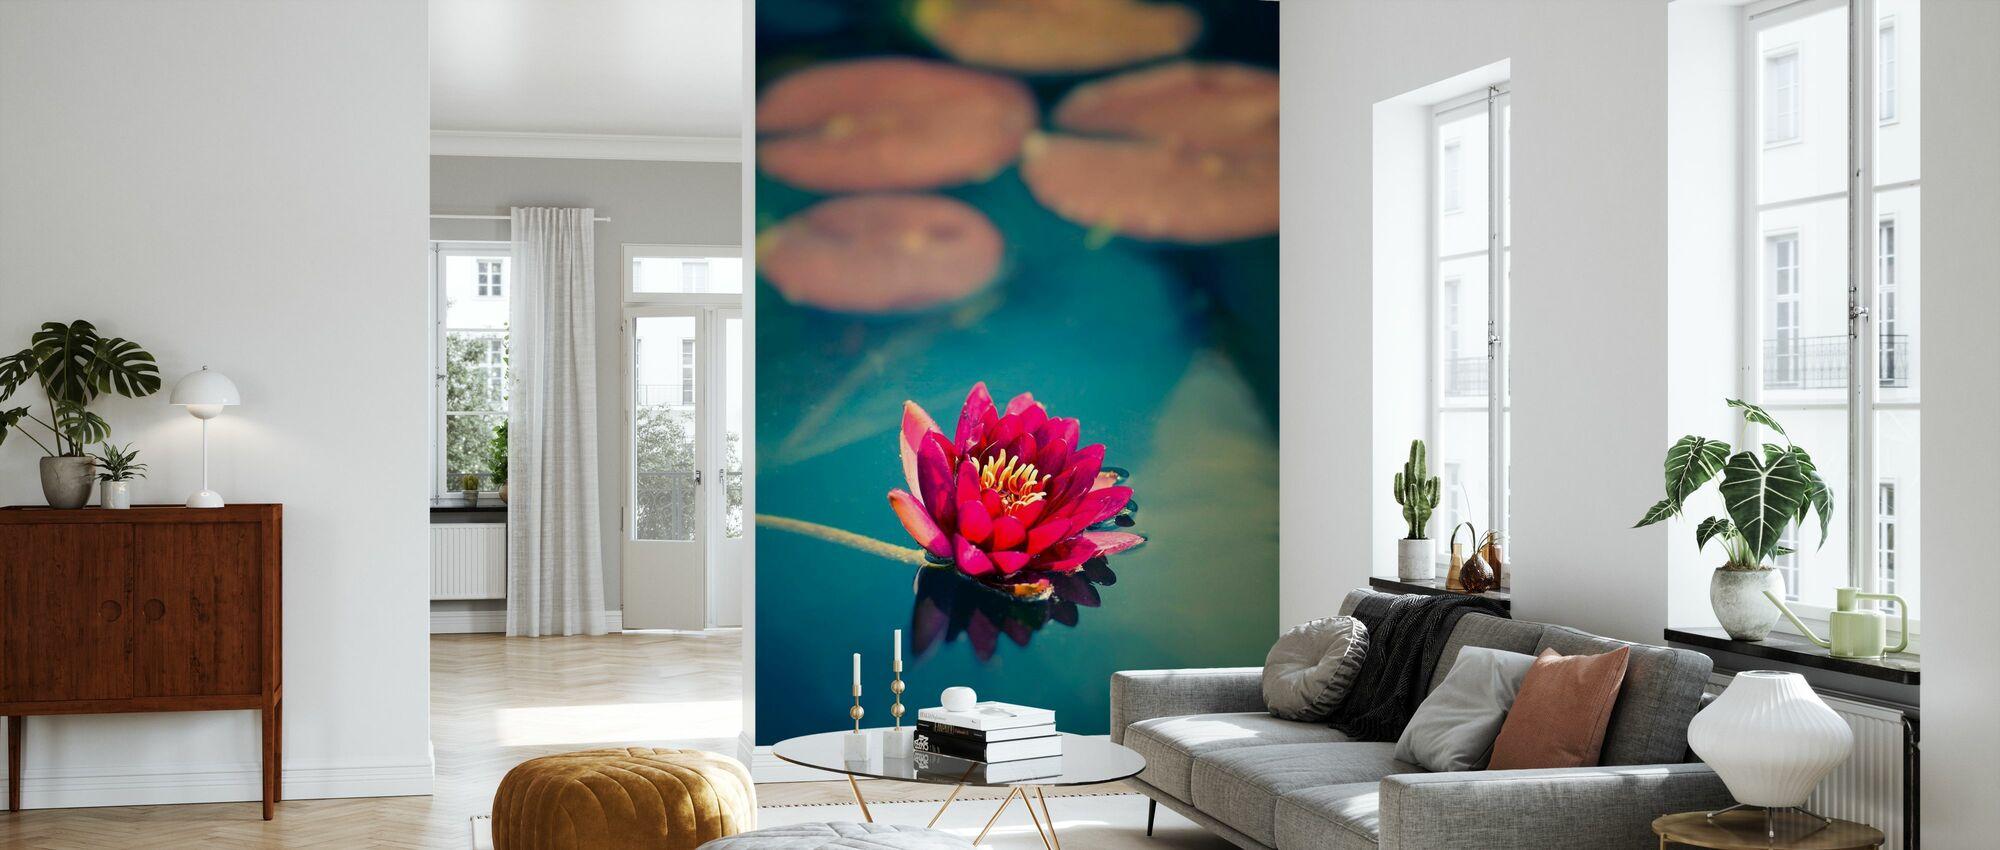 Lotus in Lake - Wallpaper - Living Room